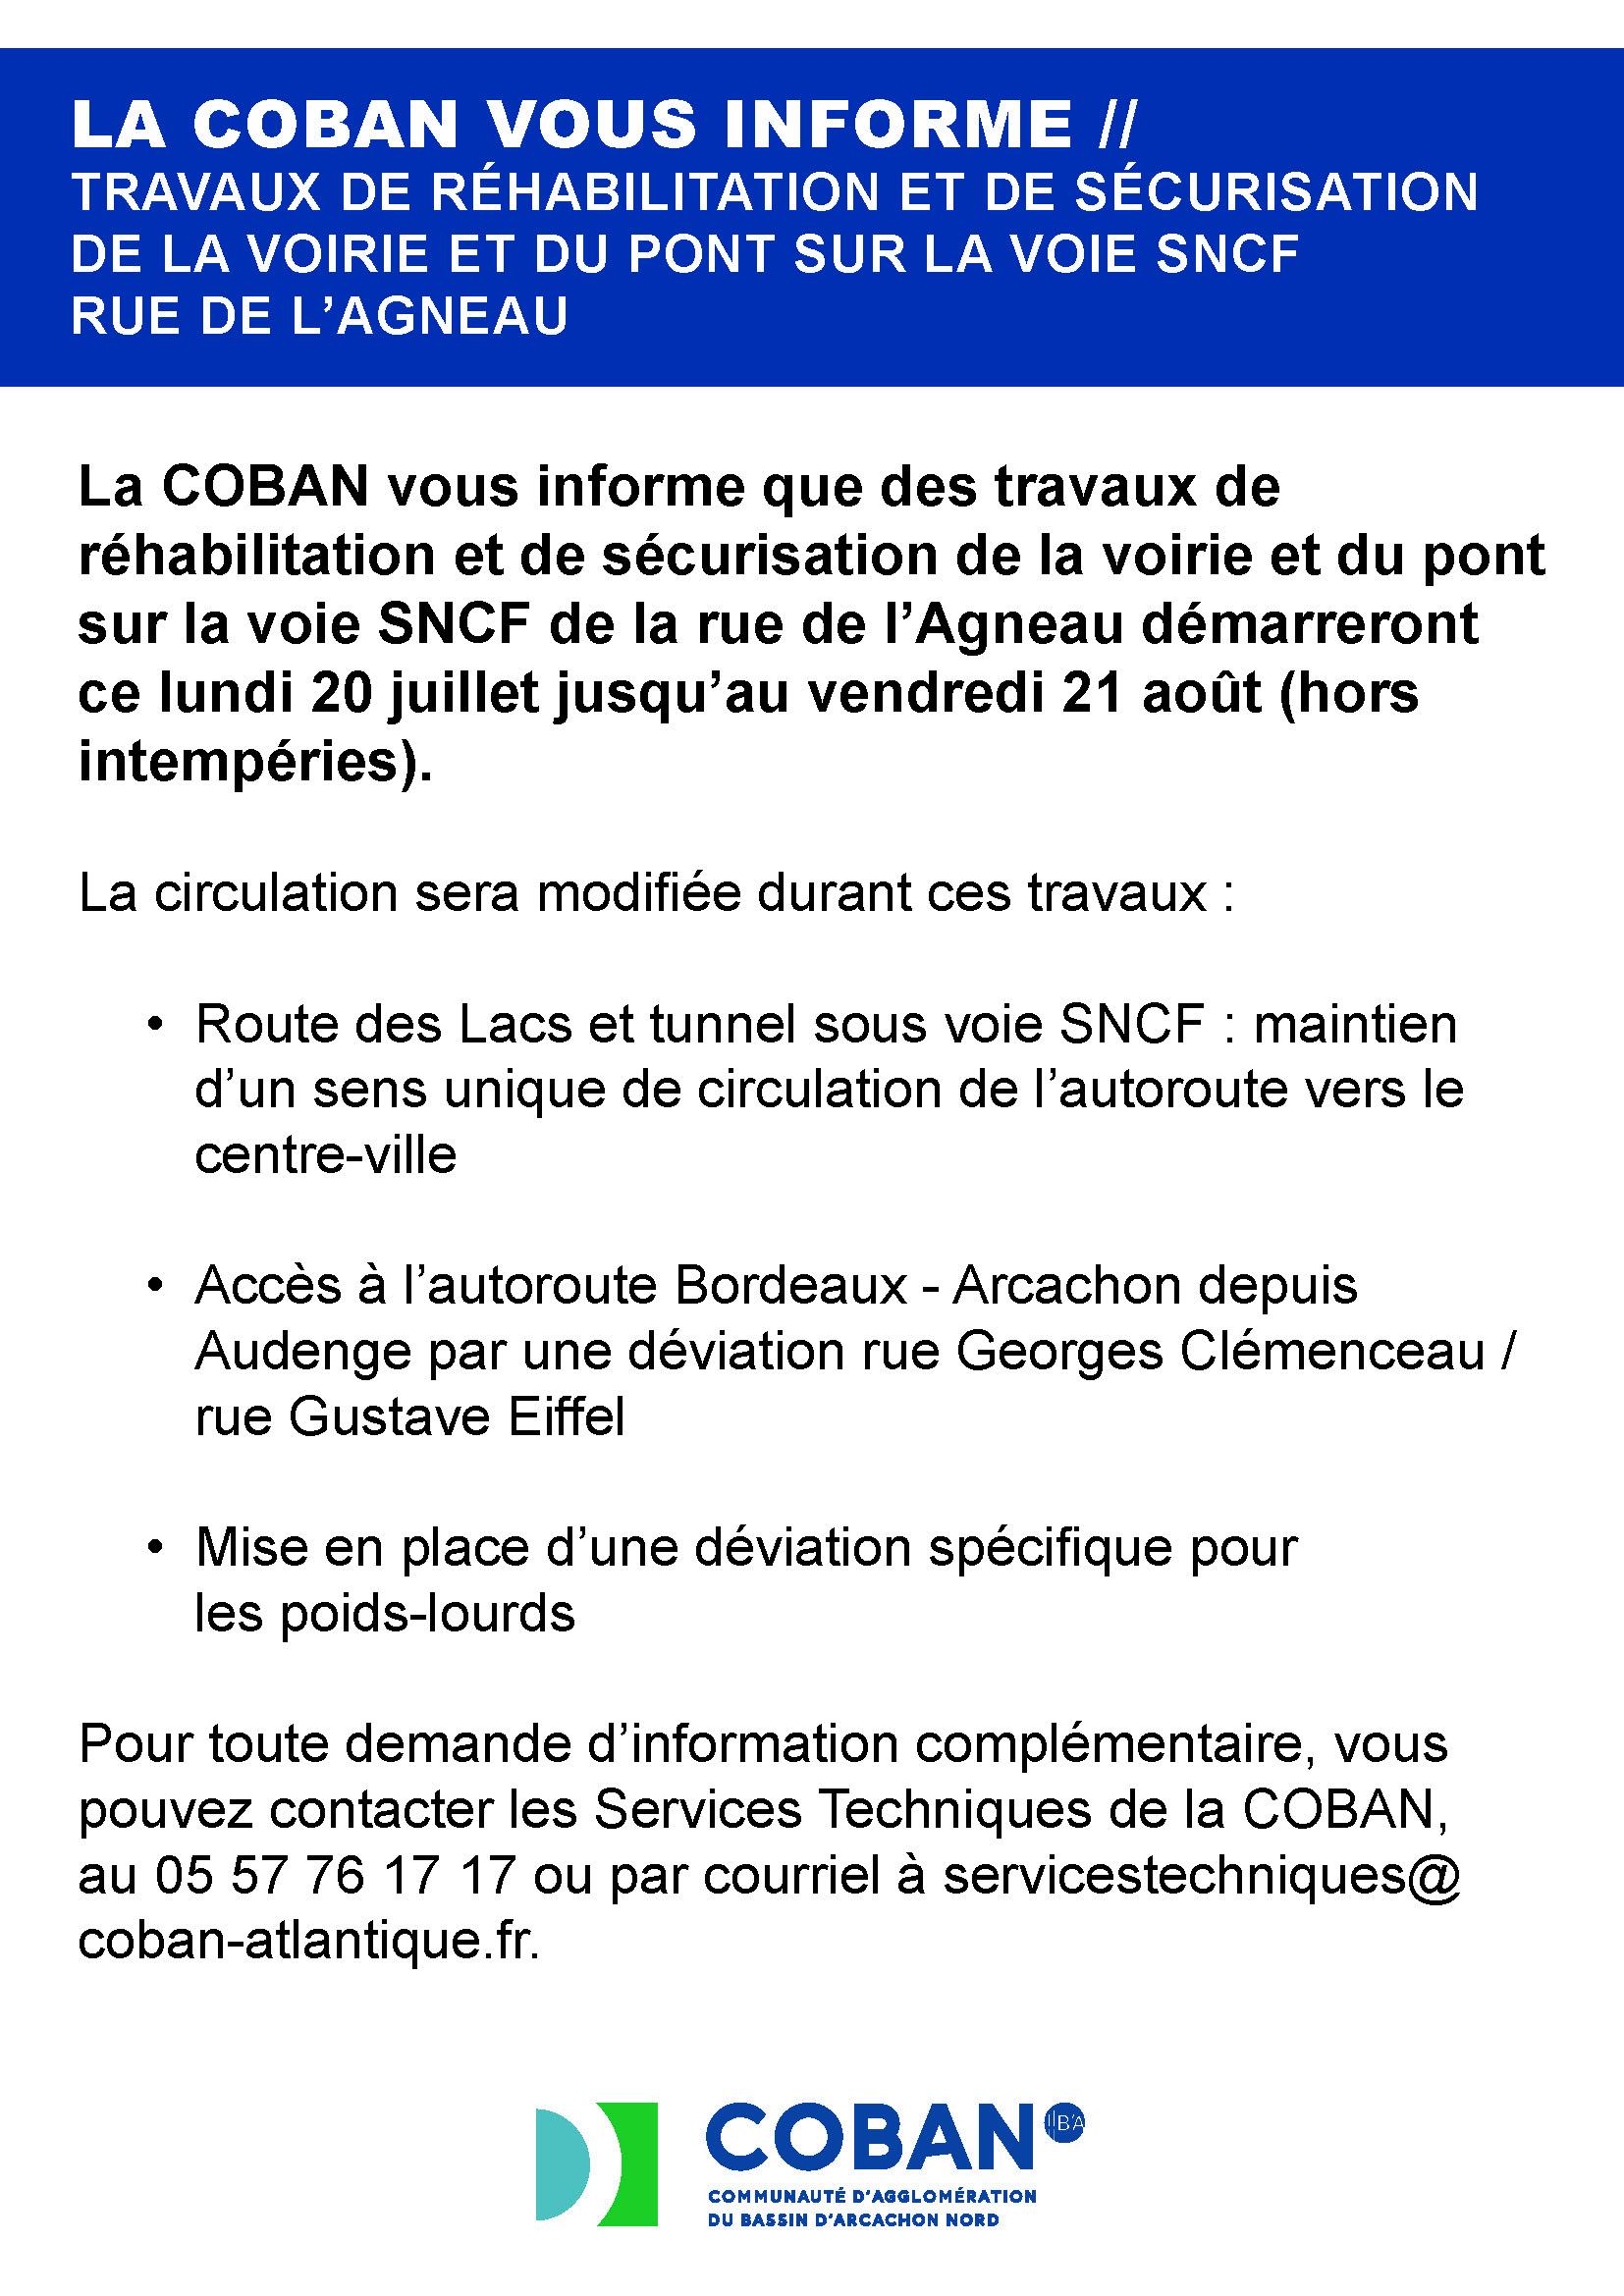 Information COBAN - Travaux réhabilitation et sécurisation voirie et pont Agneau BIGANOS